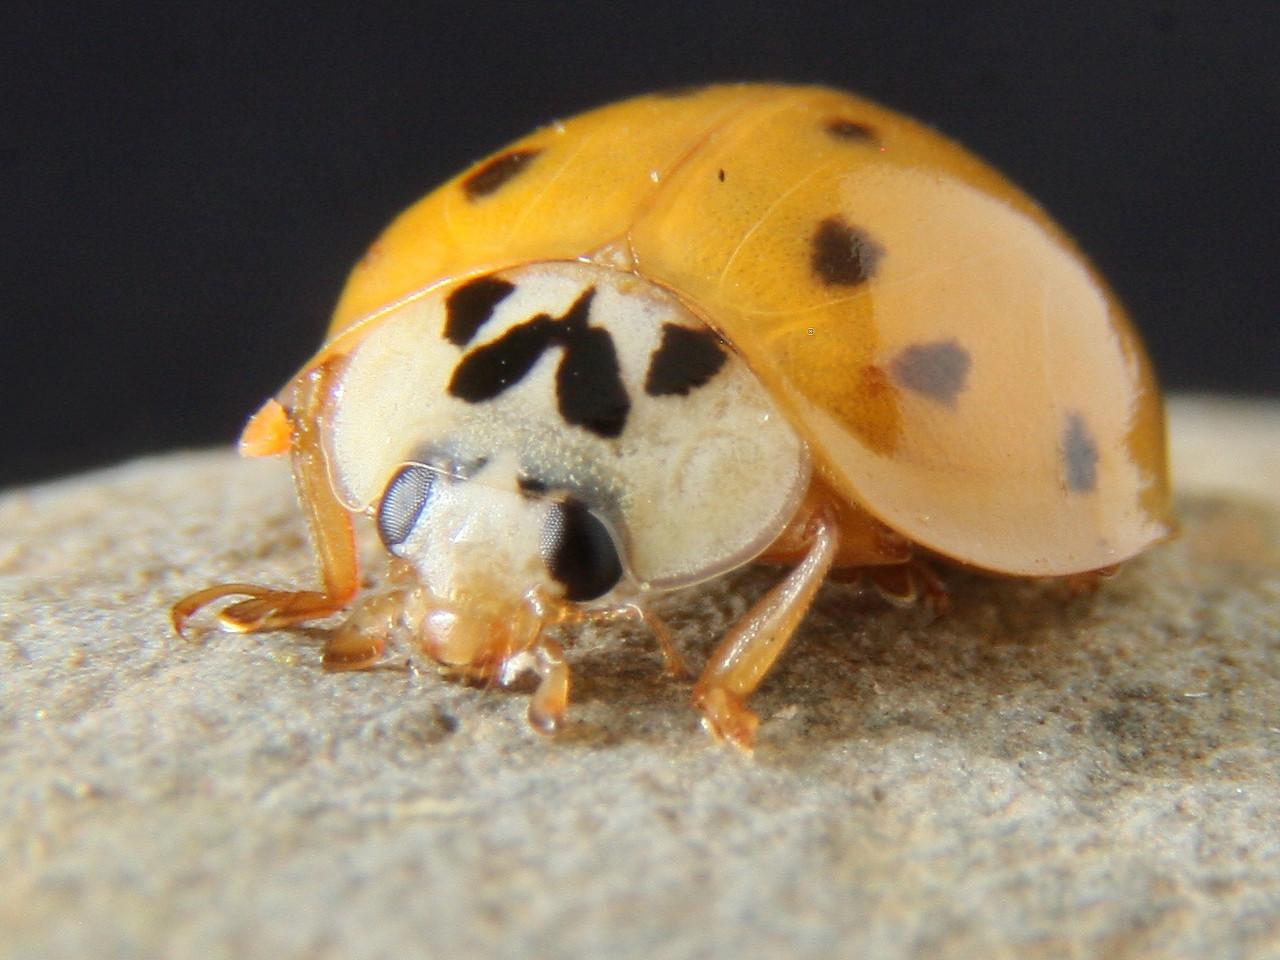 IMG4_28987 Yellow Ladybug DPPtrm1024